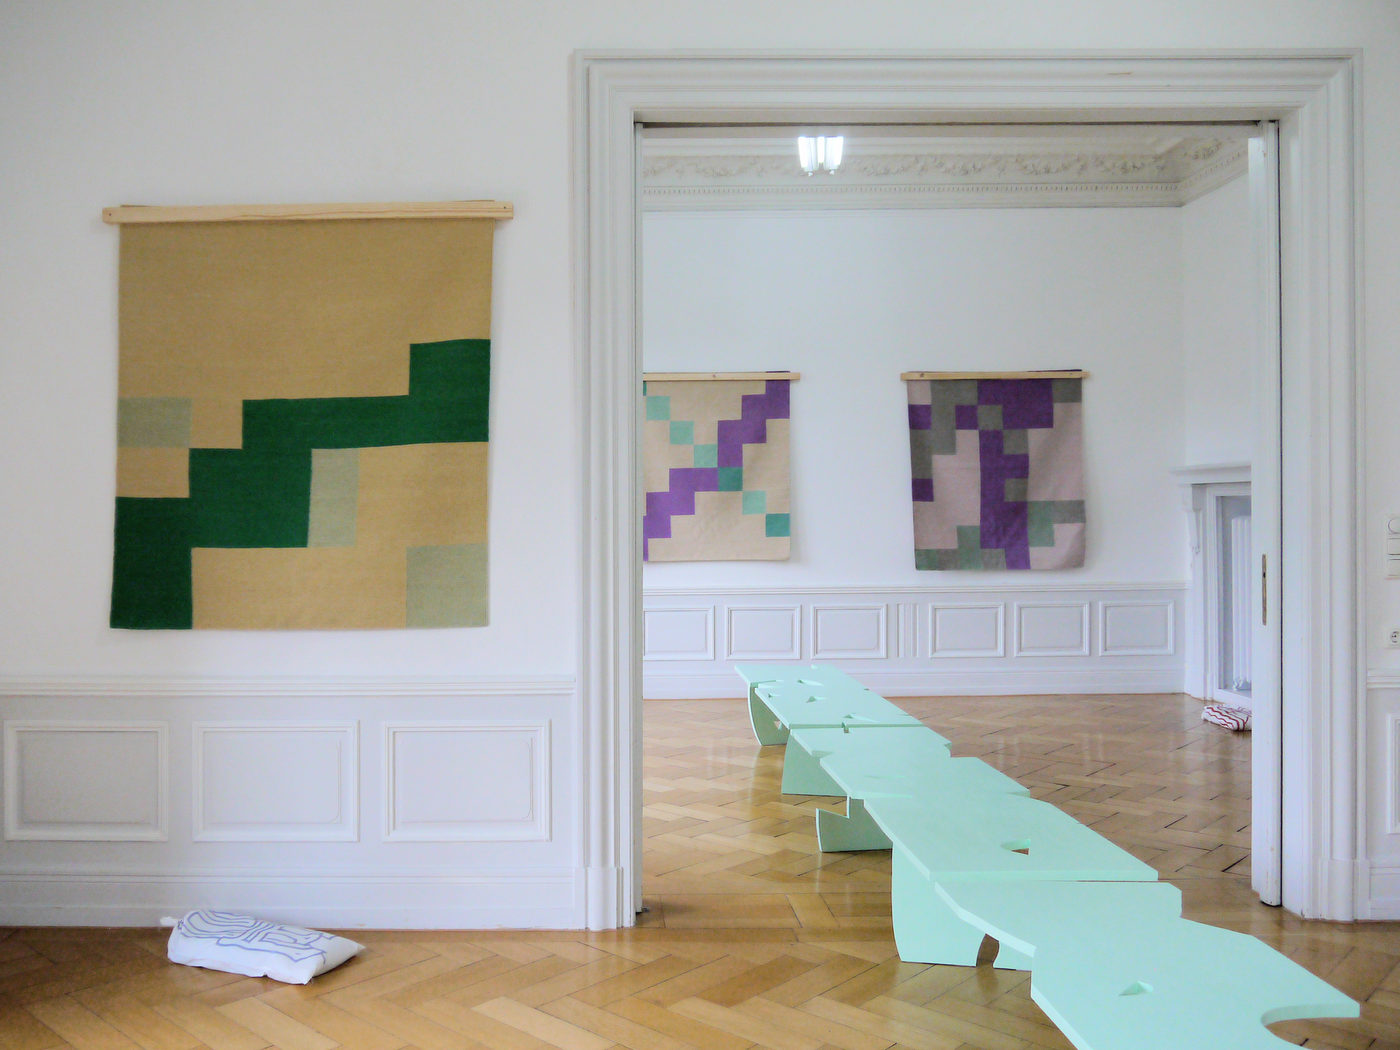 Salon Kennedy_Andy Boot_exhibition e4 e5_Frankfurt_Contemporary Art_Cultural Avenue5